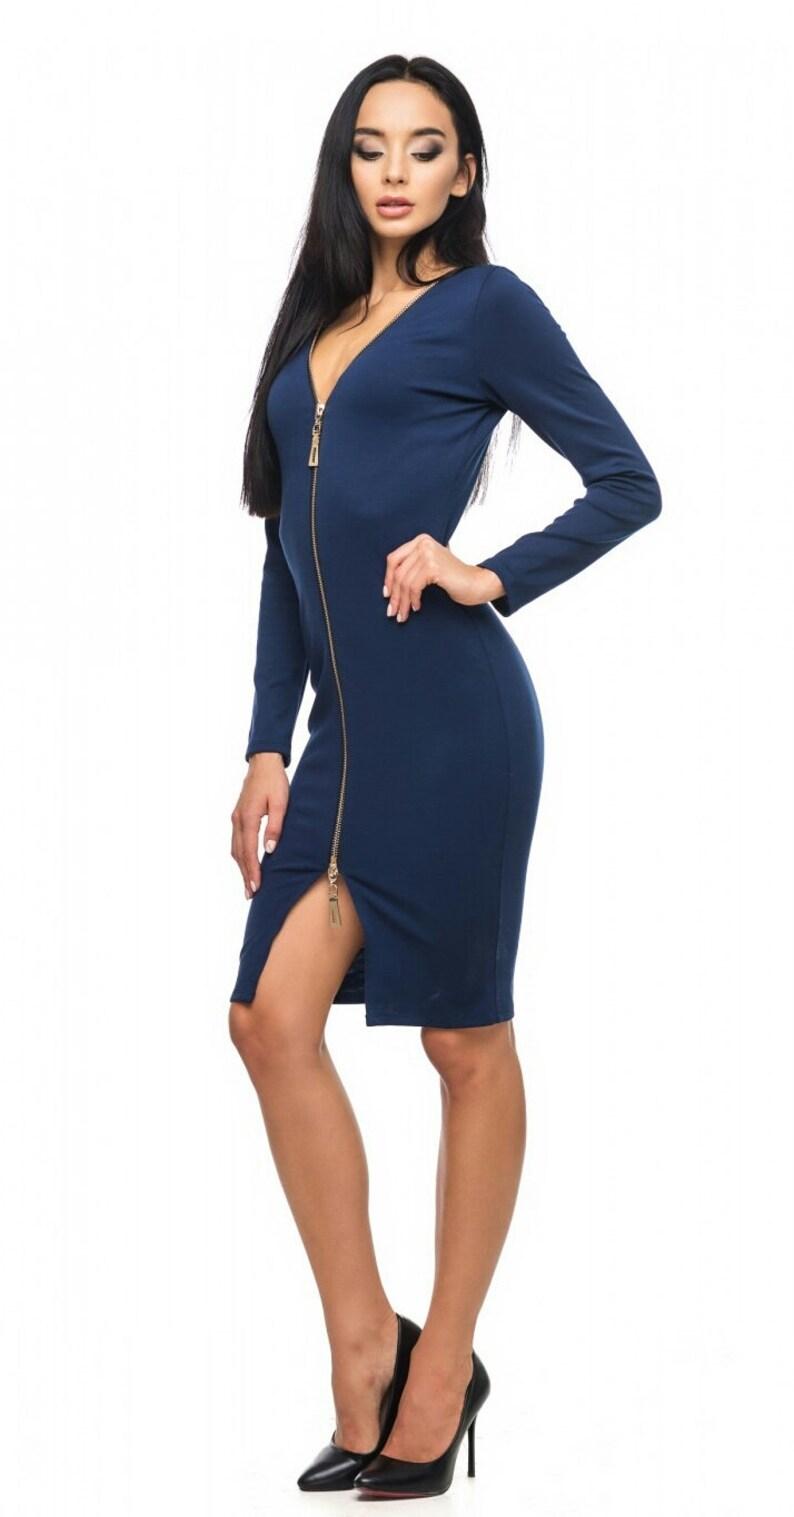 4836a8c71c0 Robe de soirée bleu marine robe Sexy Occasion robe robe genou